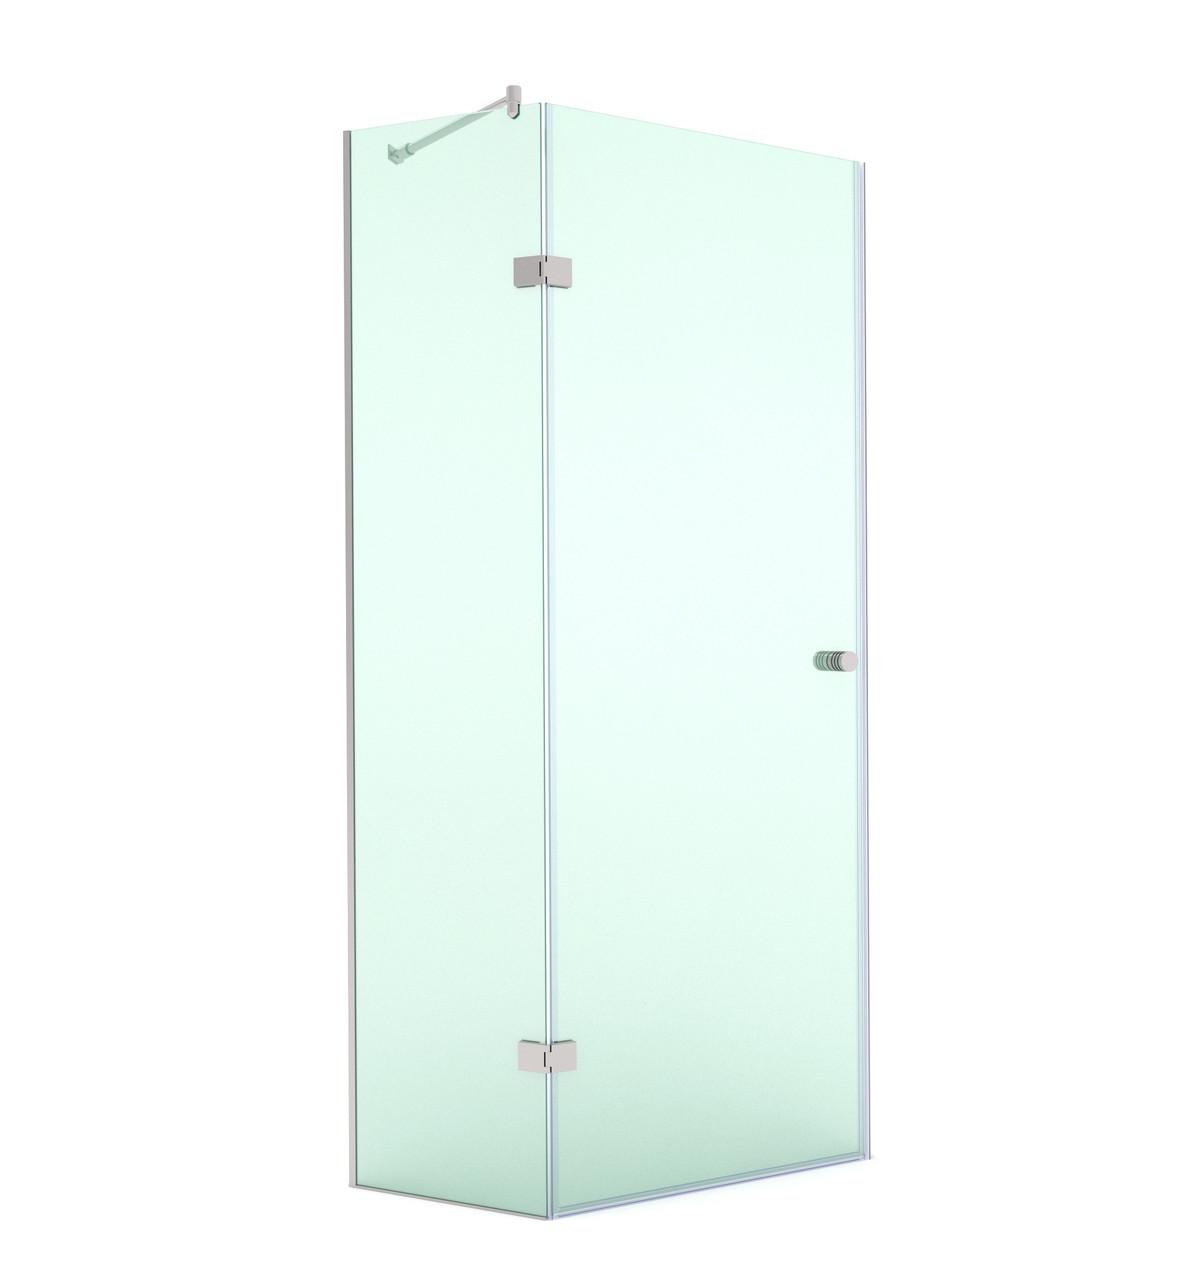 Распашные двери в душевую, модели SD-02-06